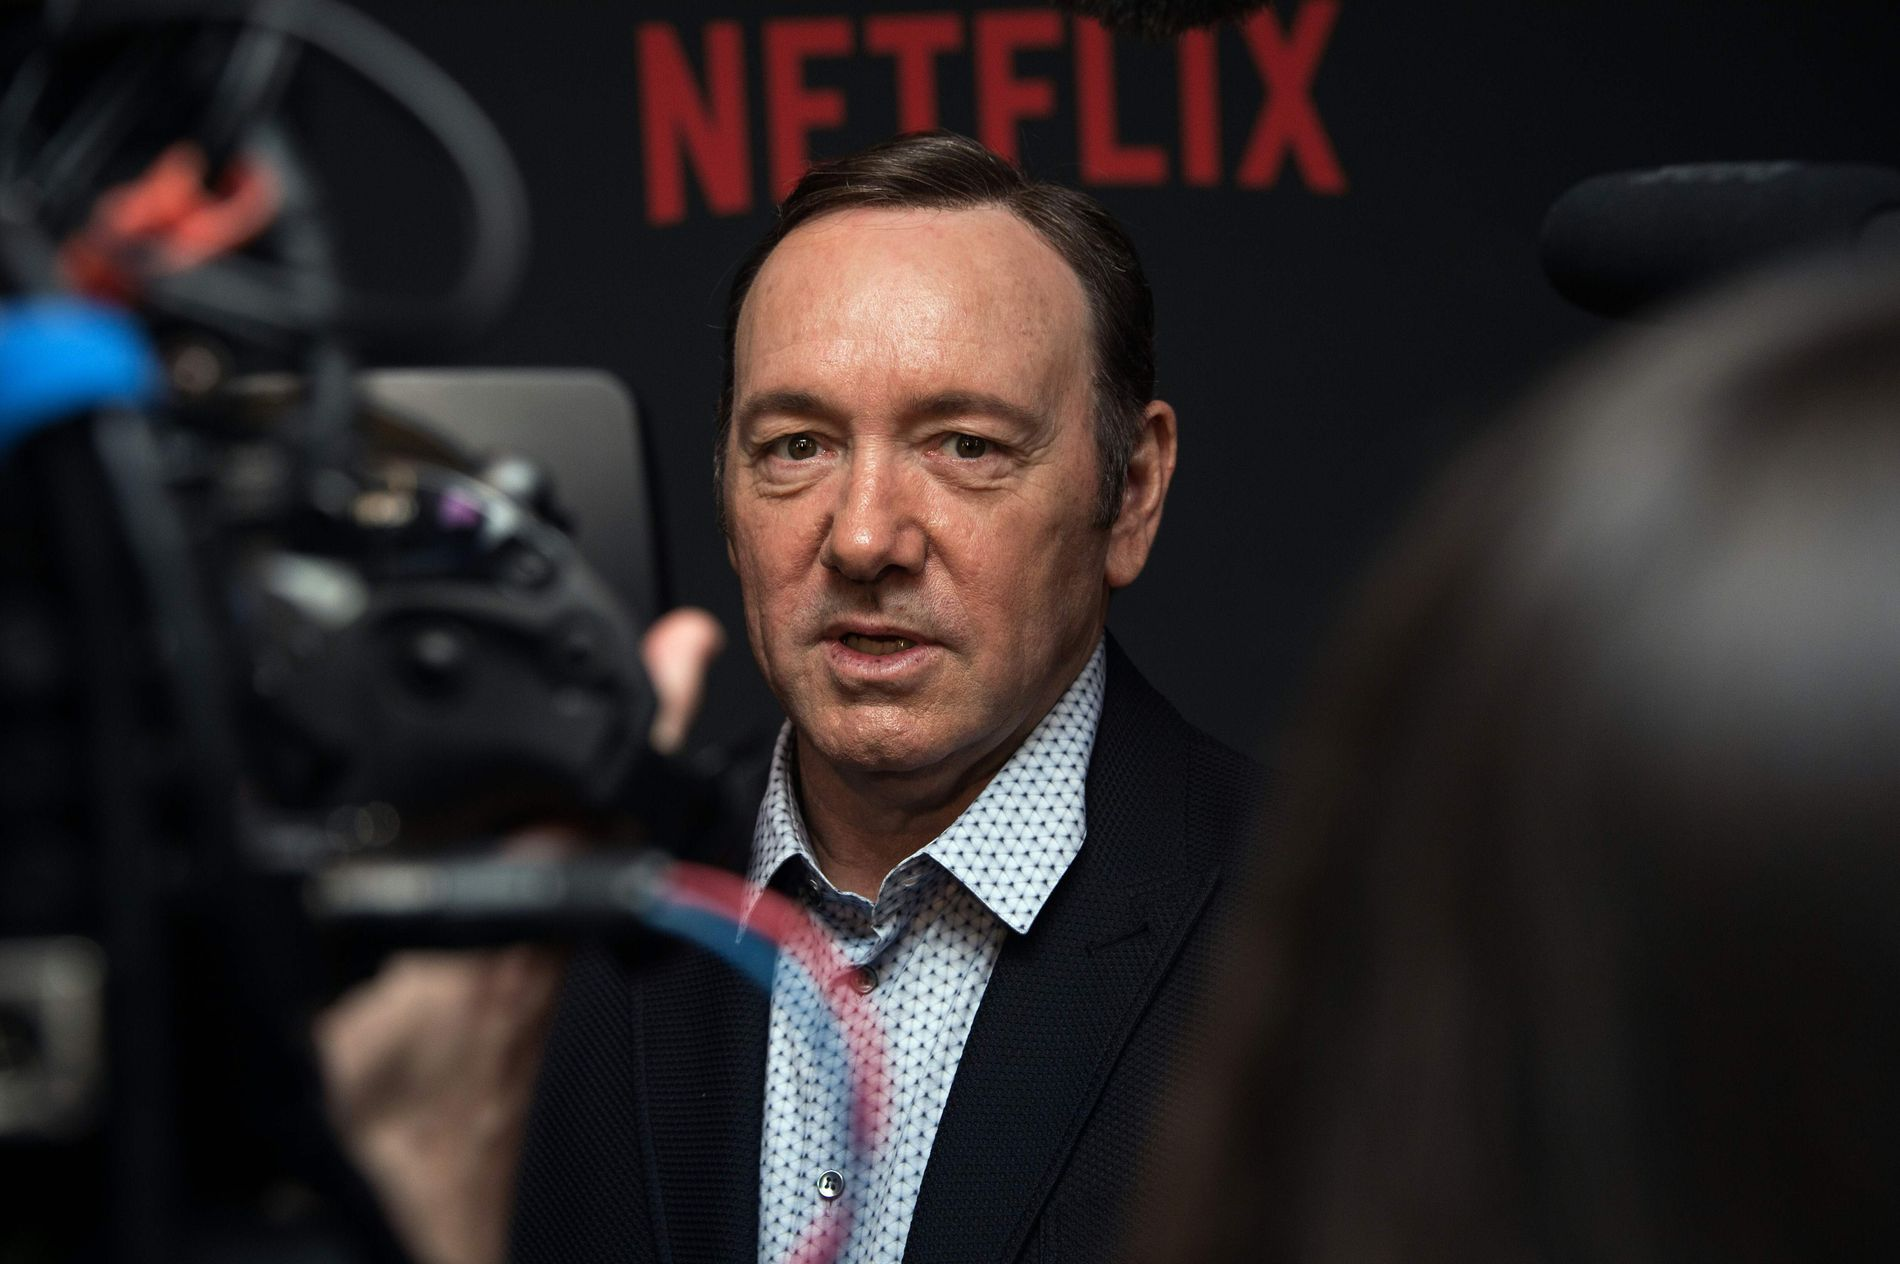 MOT SLUTTEN: Skuespilleren Kevin Spacey har hovedrollen som den maktsyke «Frank Underwood» i Netflix`politiske dramaserie. Nå ser det ut til at det kan gå mot slutten for serien.